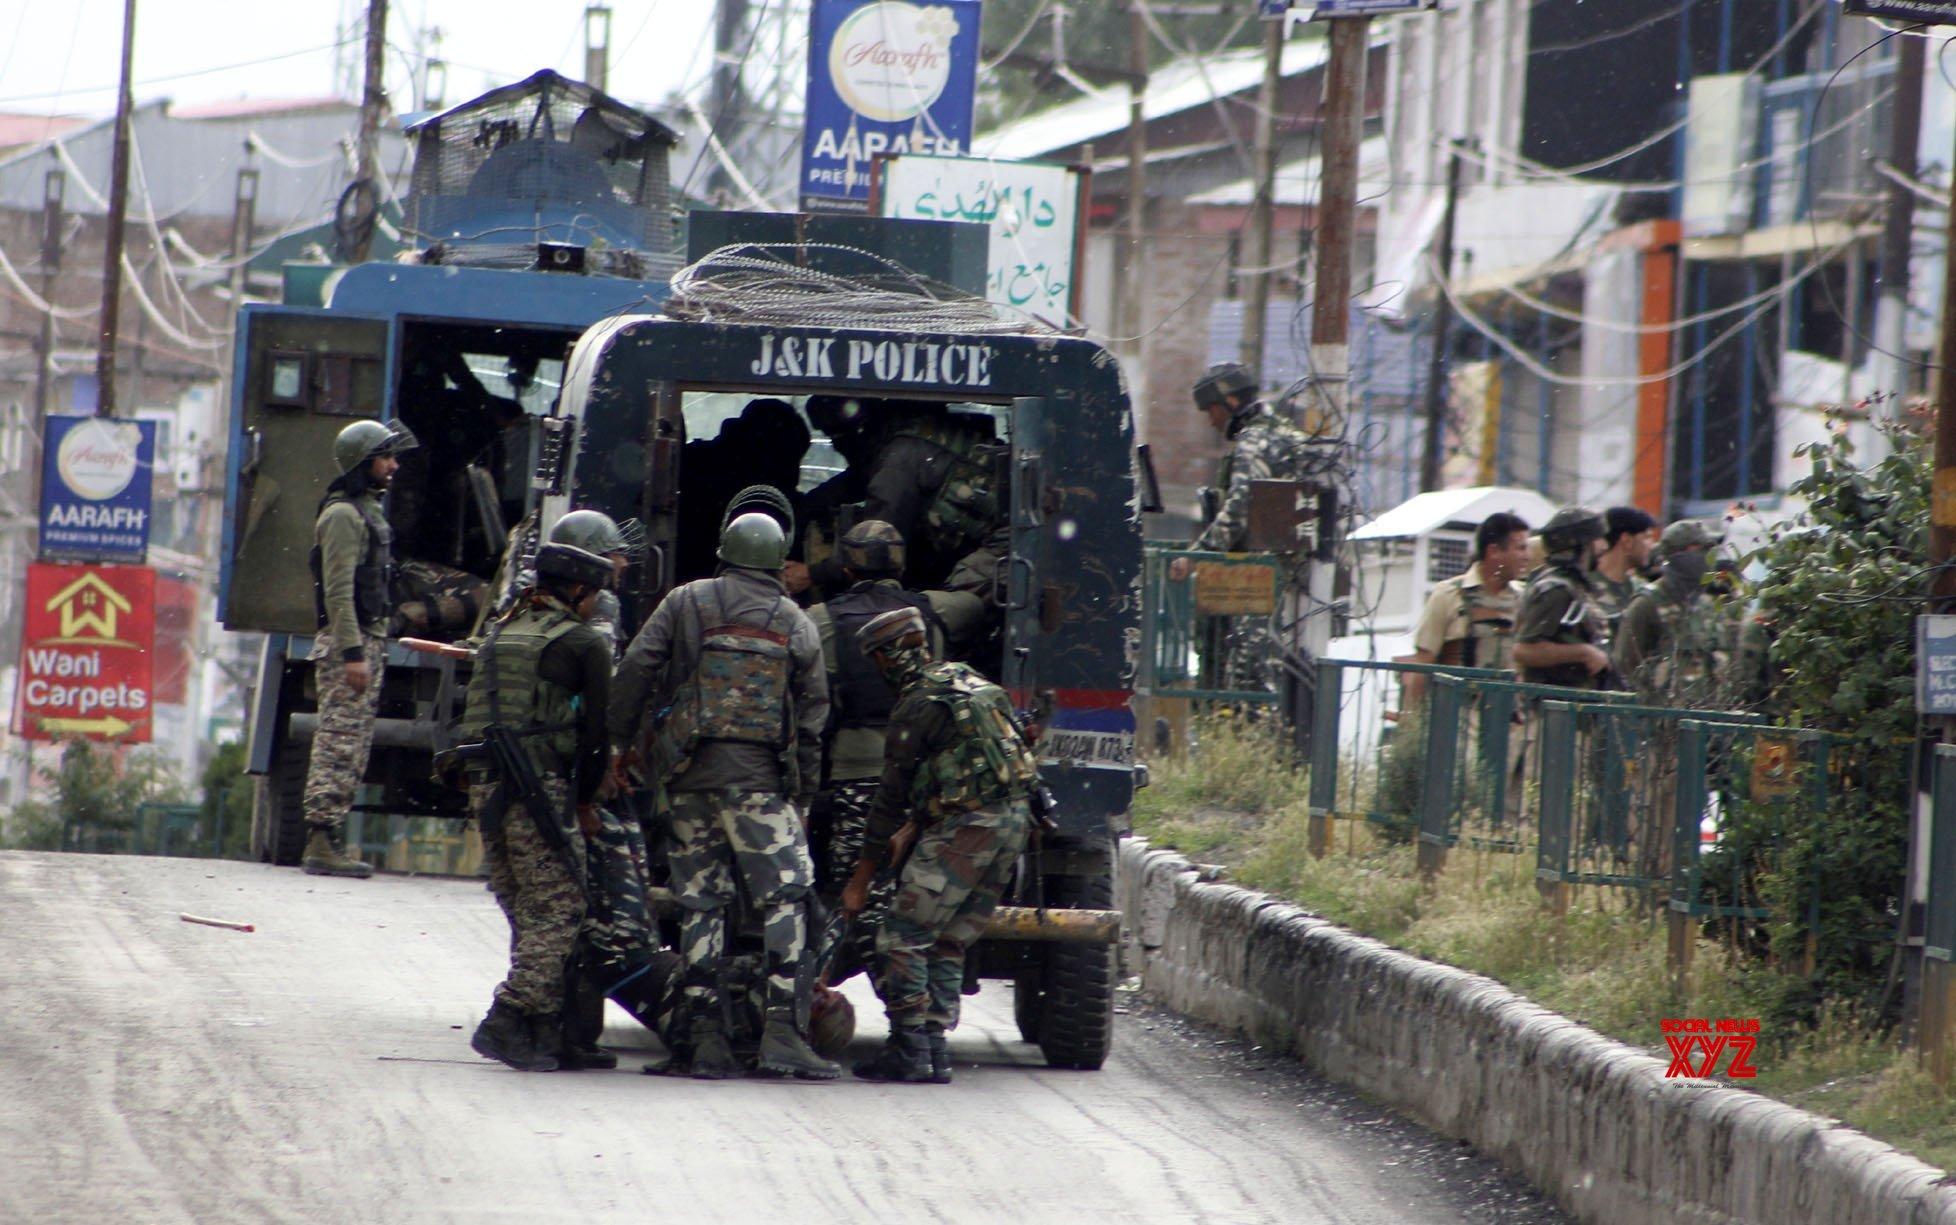 Anantnag: CRPF trooper killed, 6 injured in Anantnag militant attack #Gallery